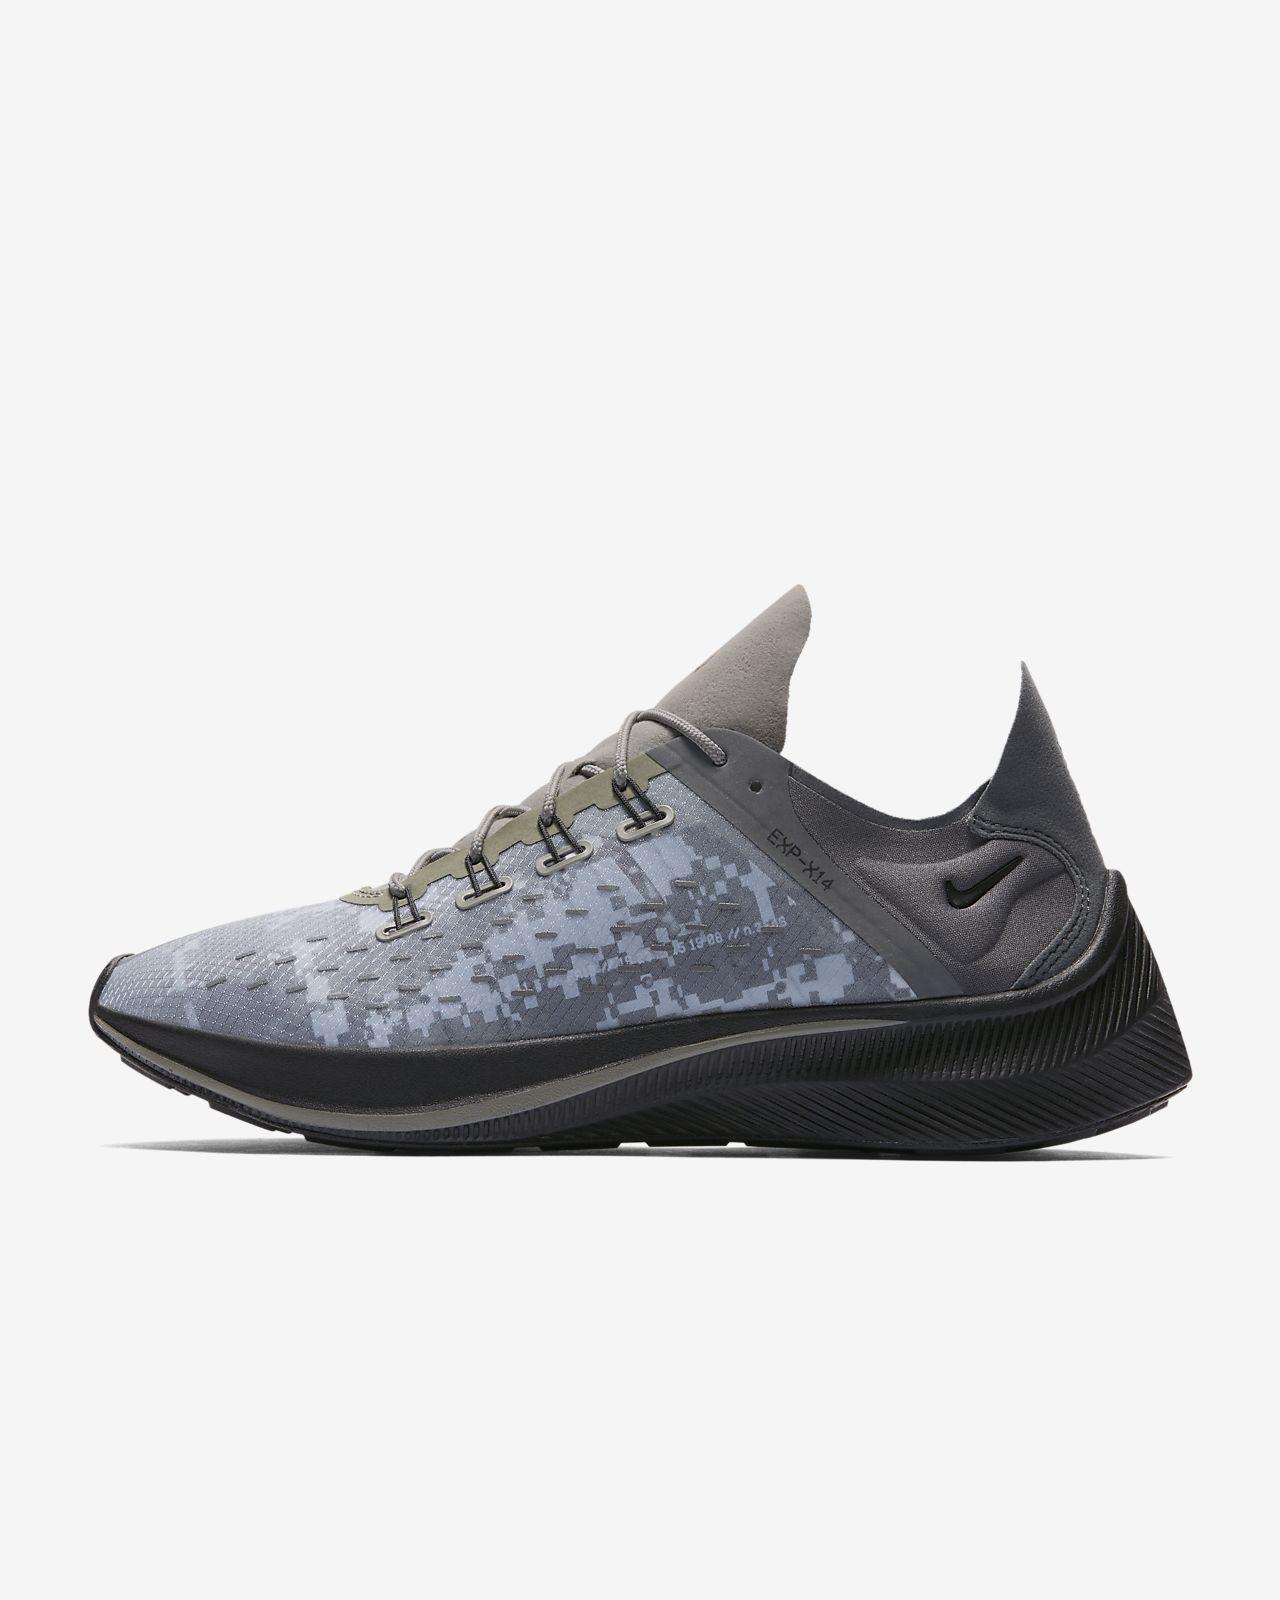 9a47b2534fd5 Nike EXP-X14 Men s Shoe. Nike.com ZA